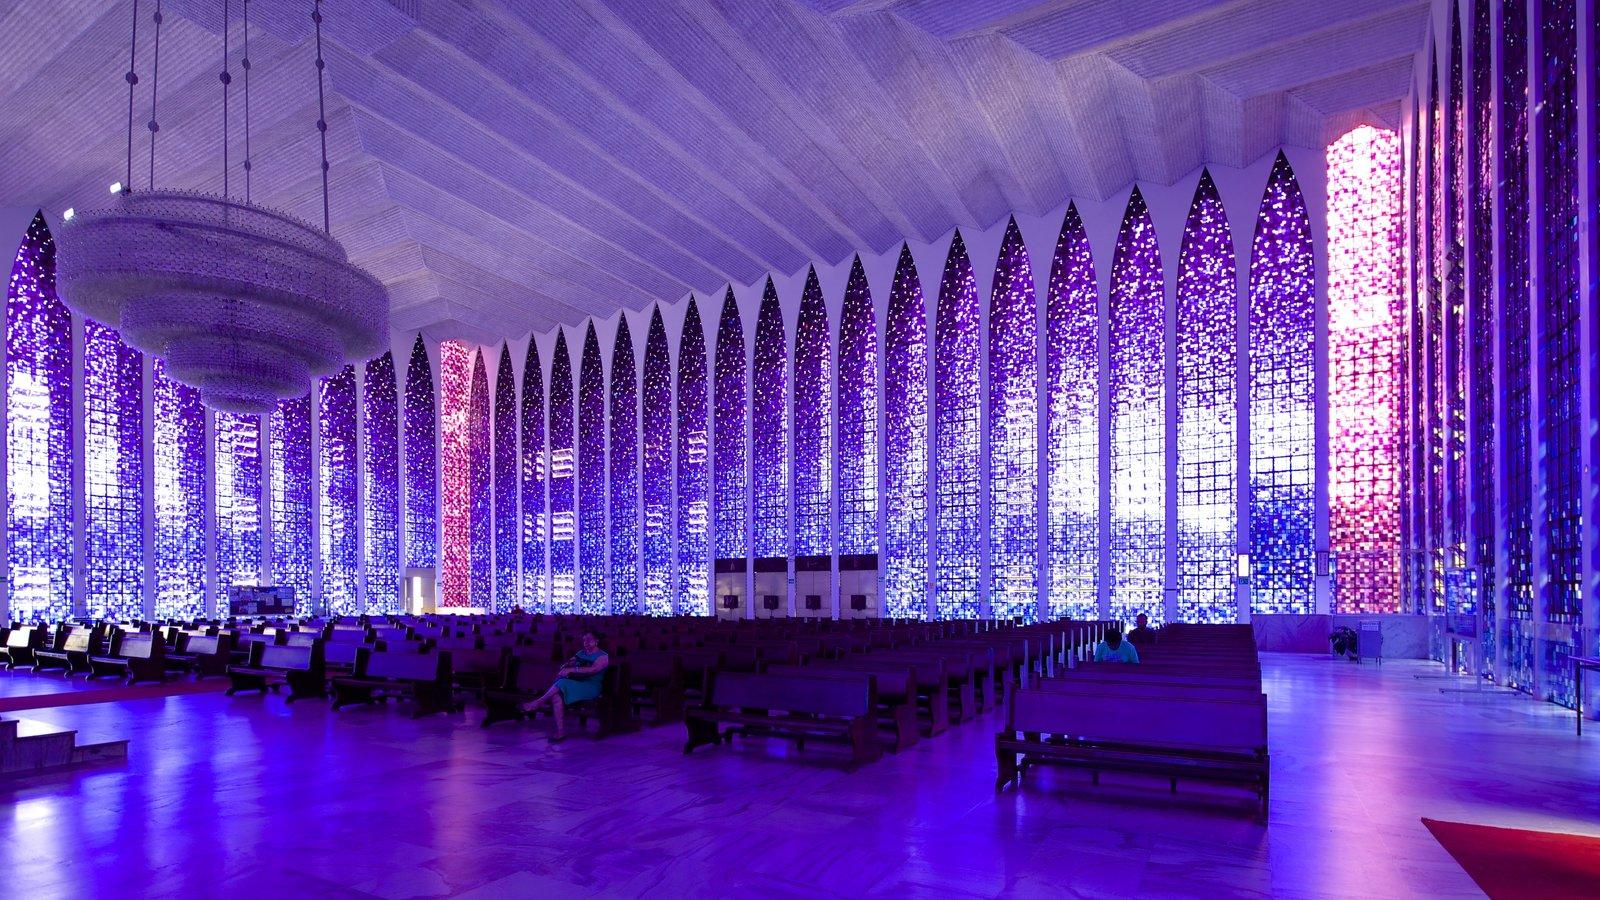 Santuário Dom Bosco caracterizando aspectos religiosos, vistas internas e uma igreja ou catedral